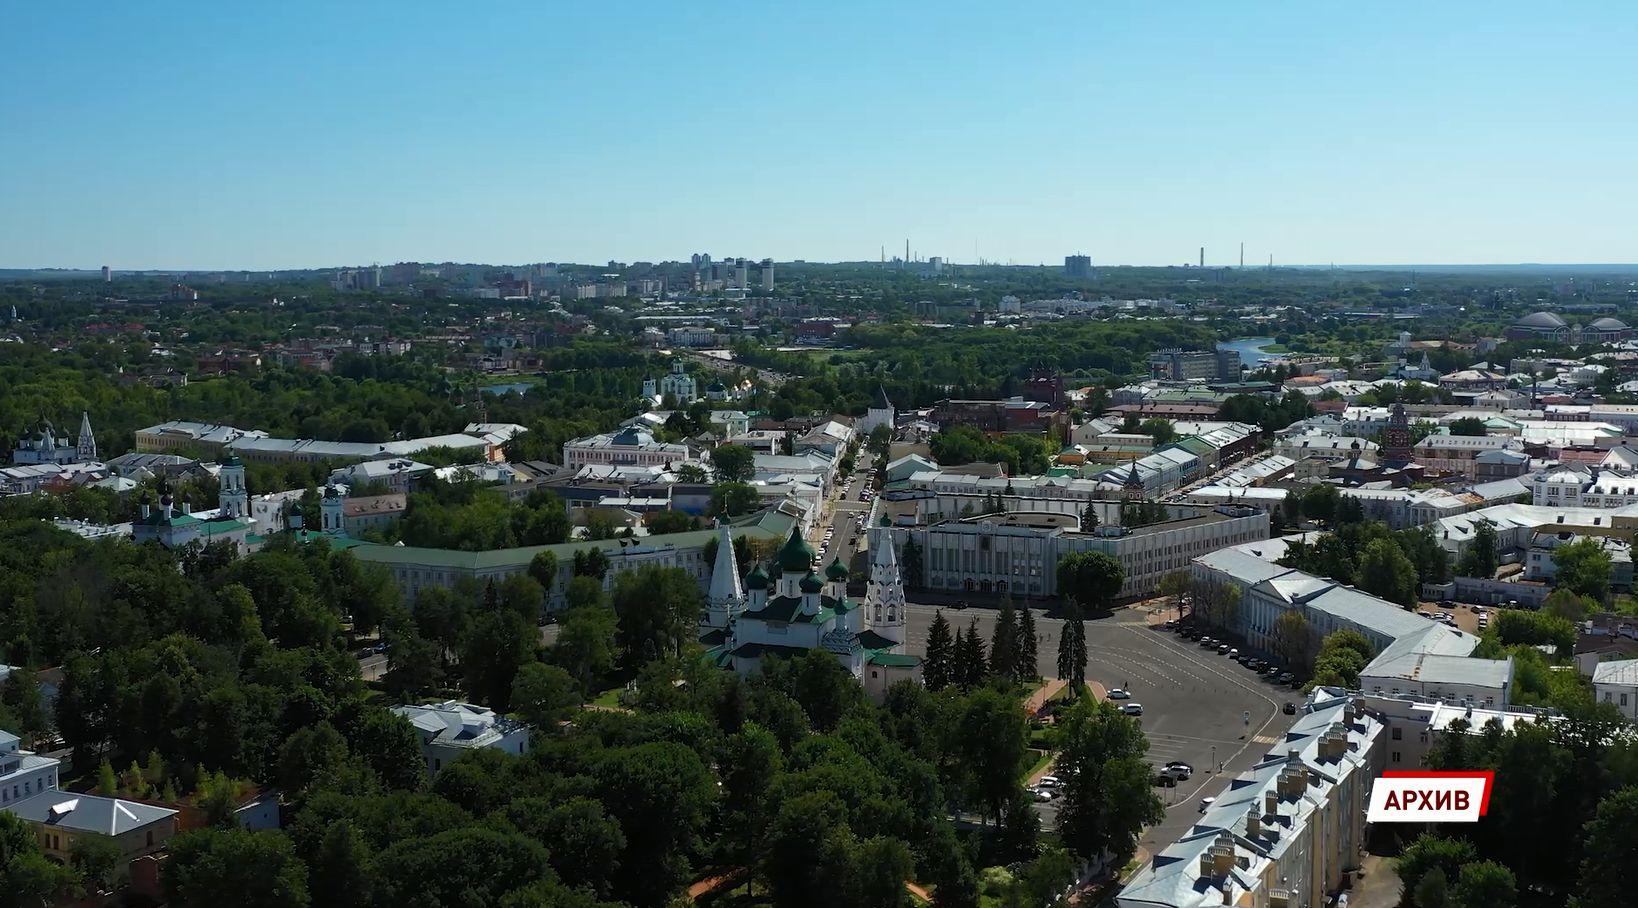 За первое полугодие 2021 года путешественники оставили в Ярославской области денег больше, чем за целый прошлый год